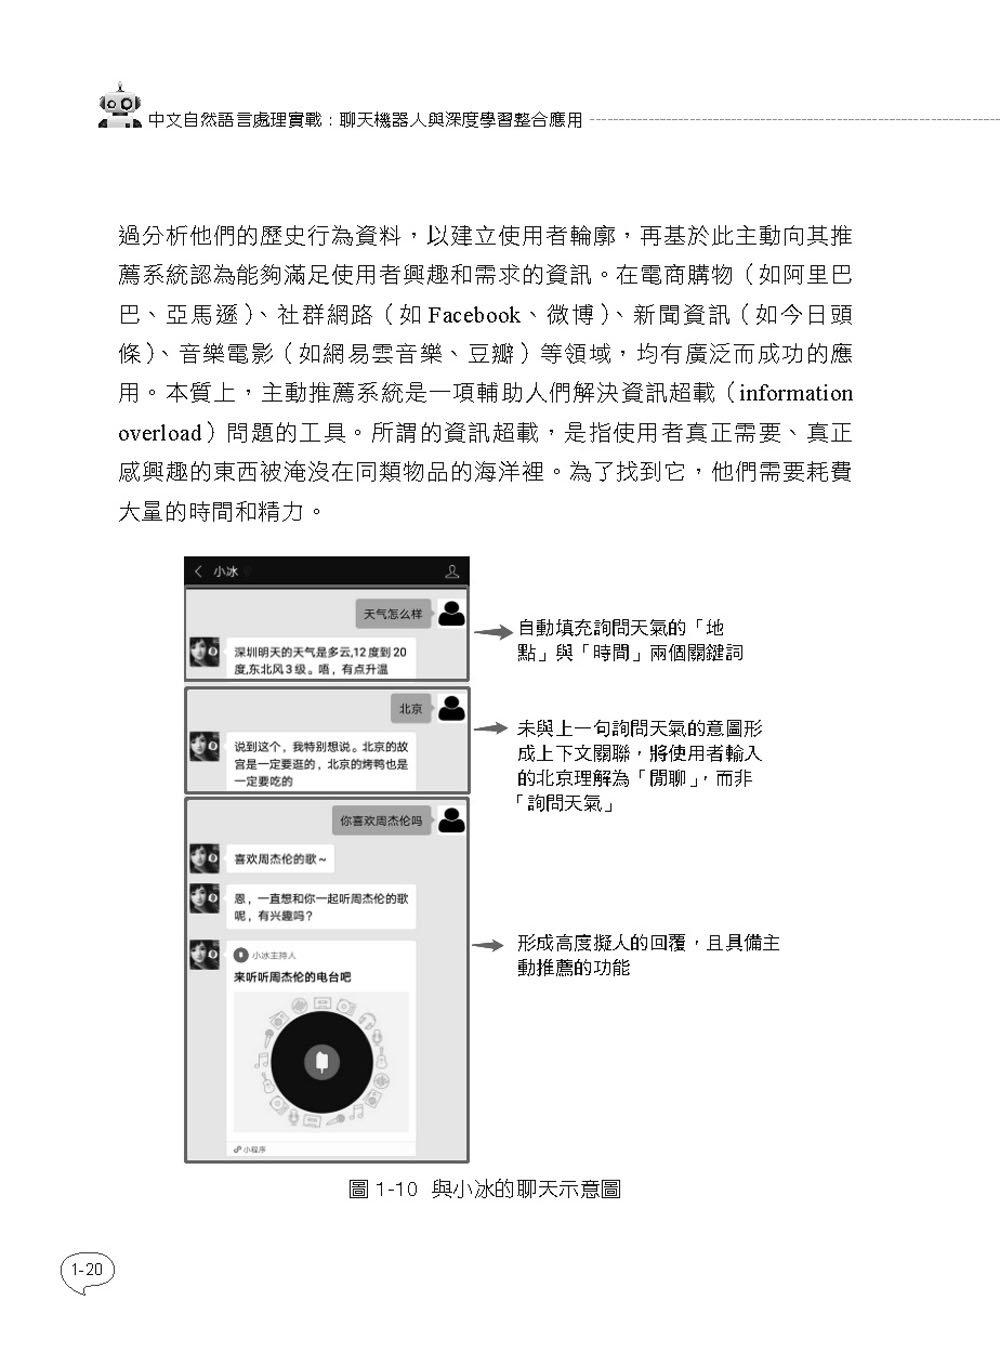 中文自然語言處理實戰:聊天機器人與深度學習整合應用-preview-9